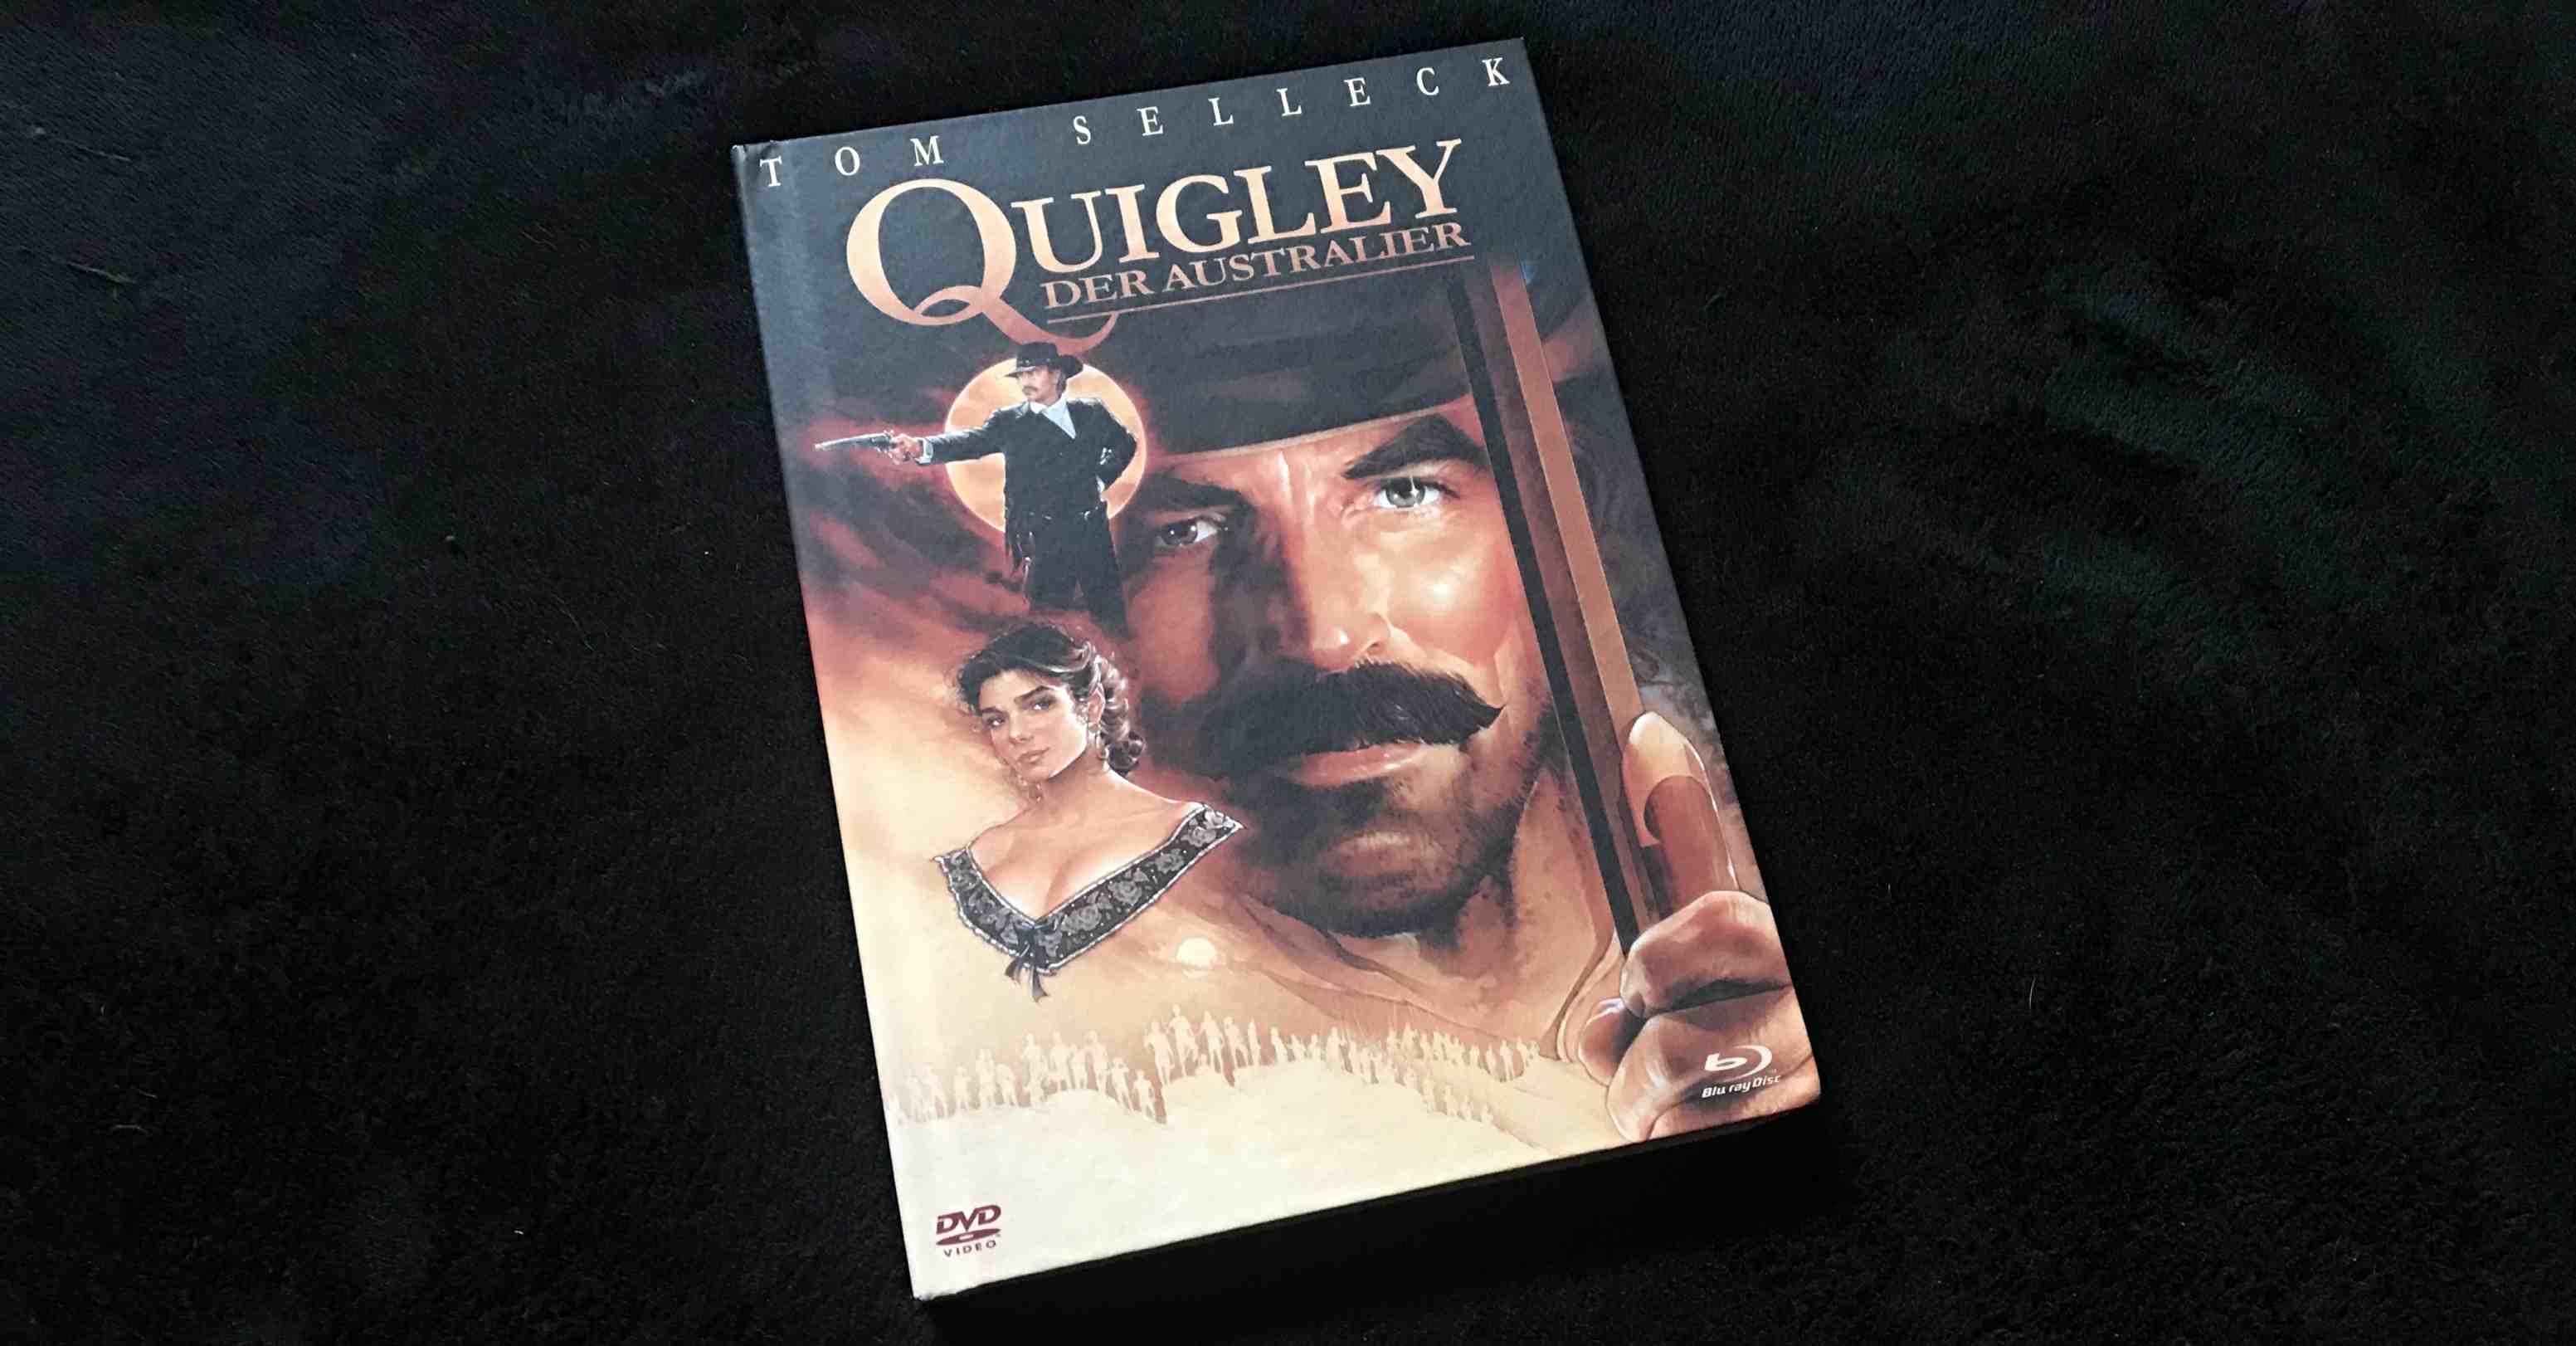 Australier youtube der quigley Quigley, der